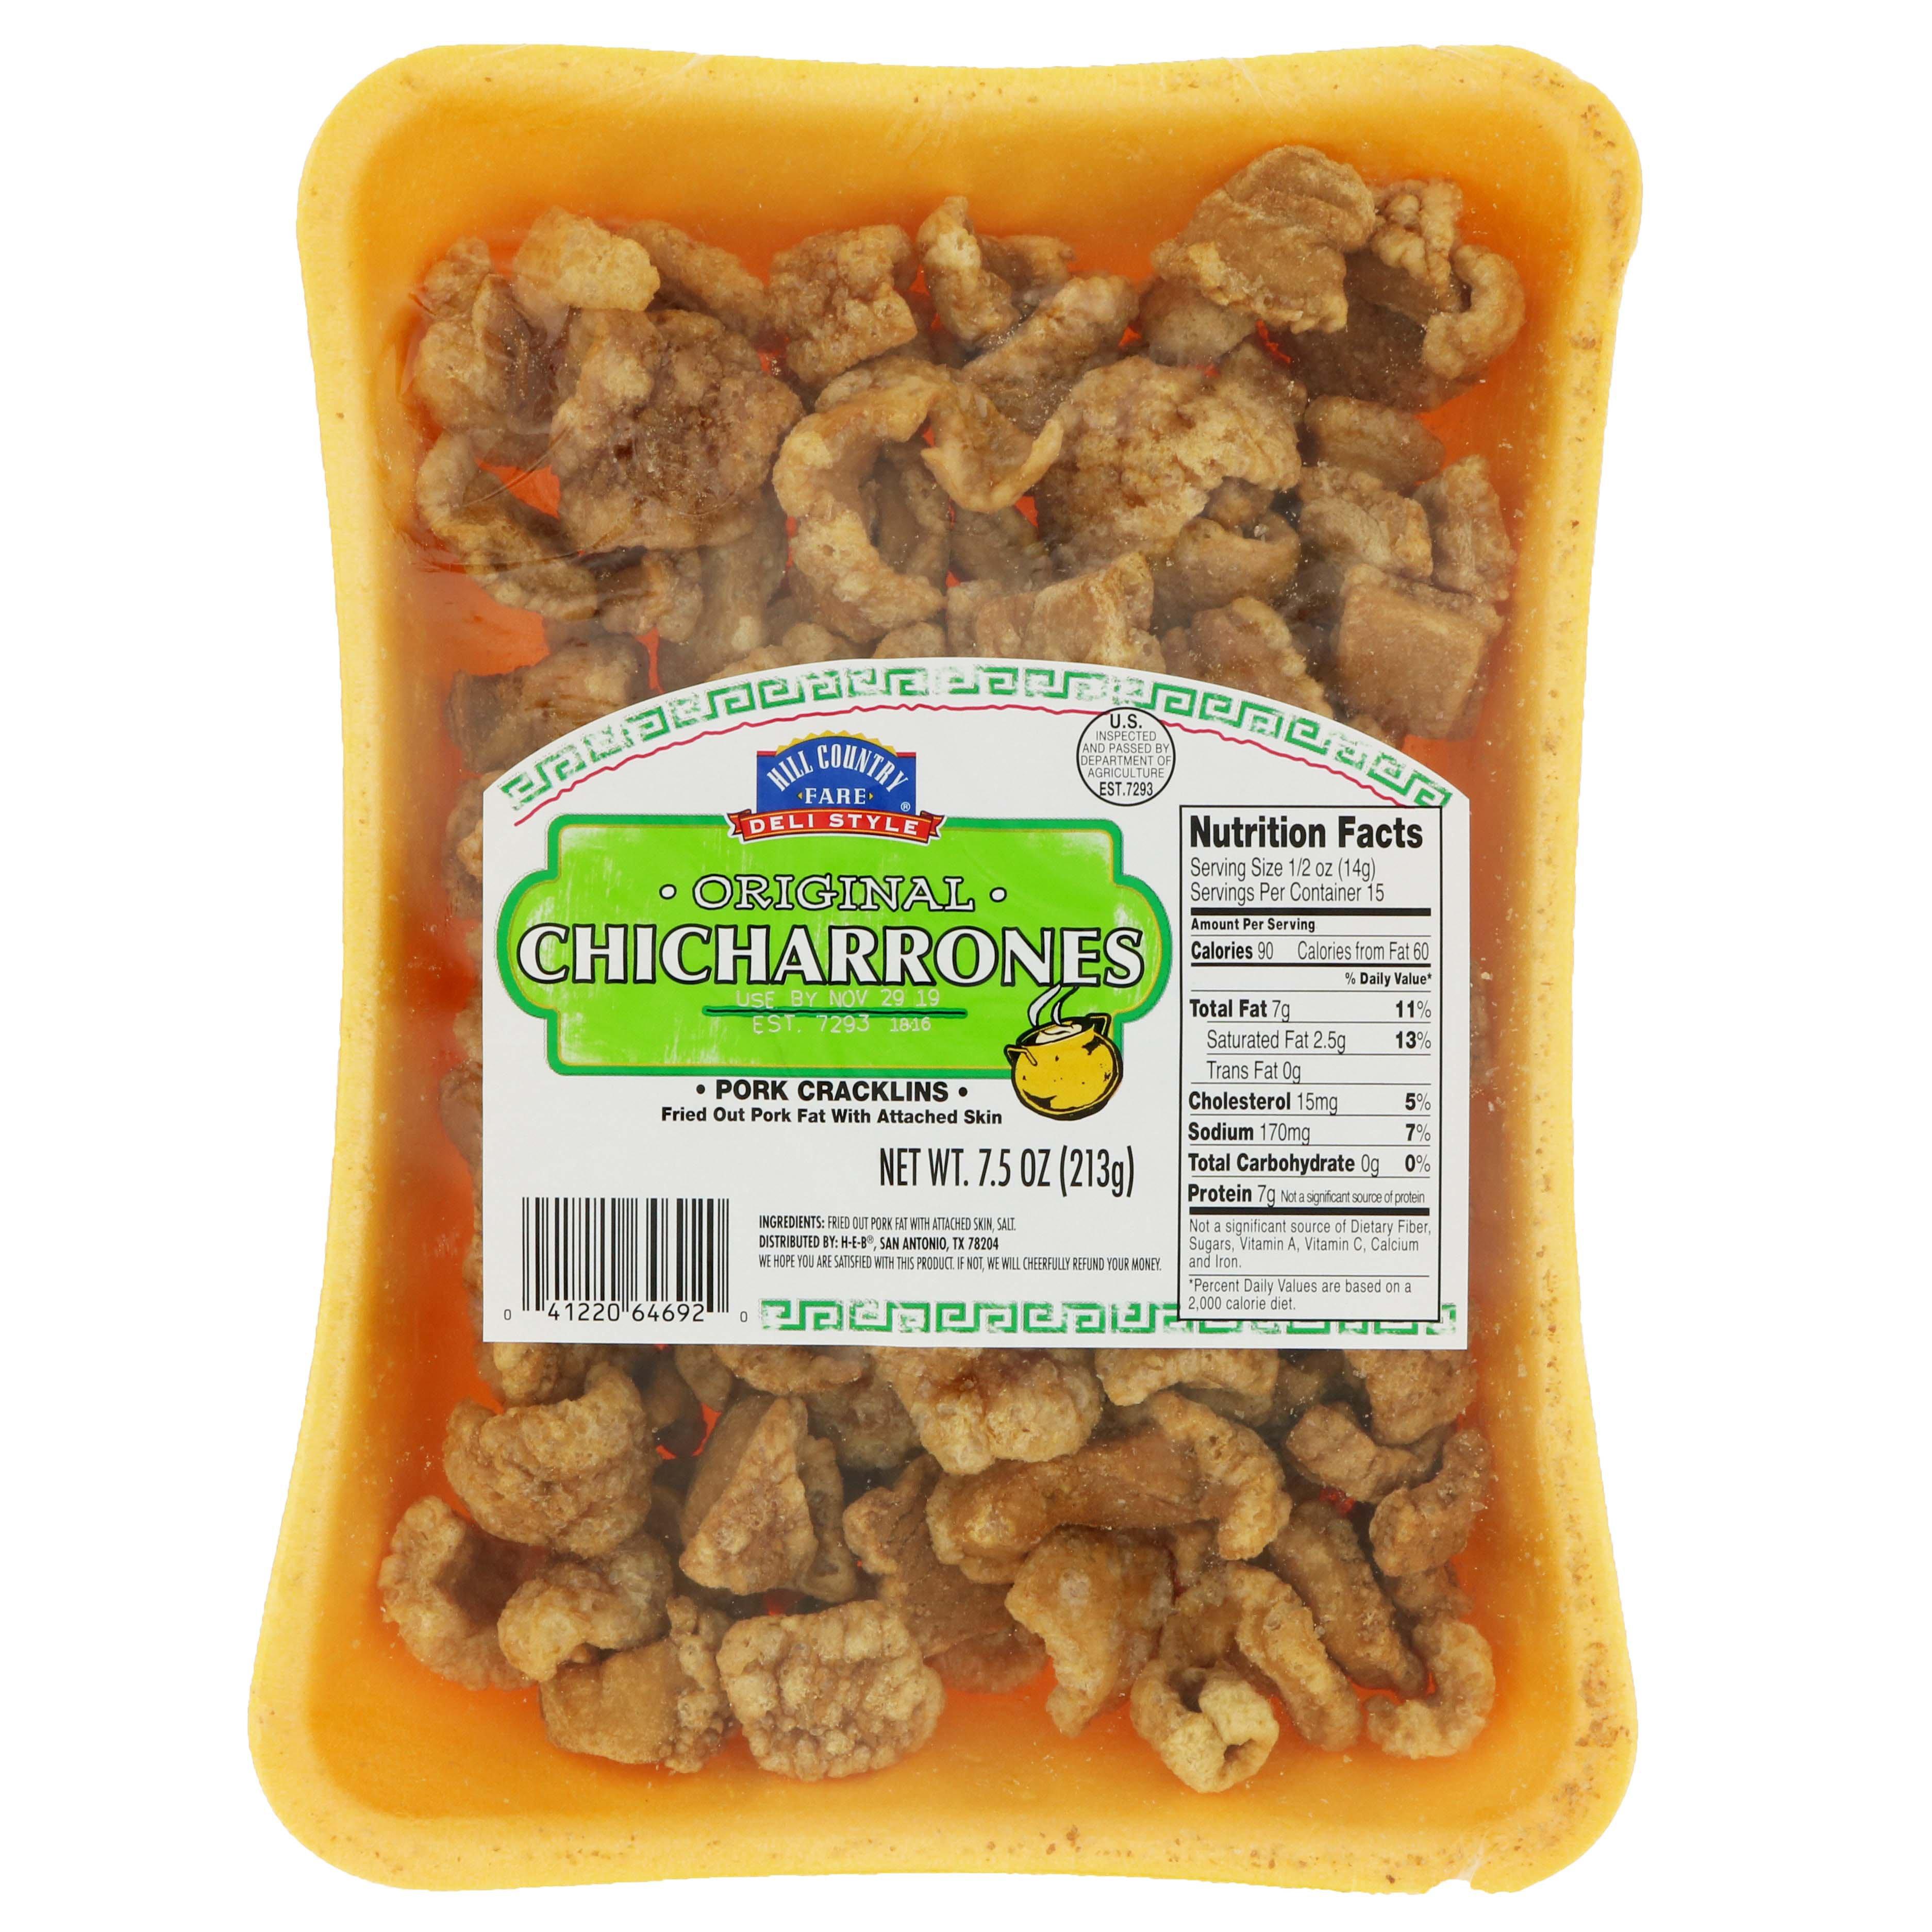 Hill Country Fare Deli Style Original Chicharrones Pork Cracklins Shop Chips At H E B